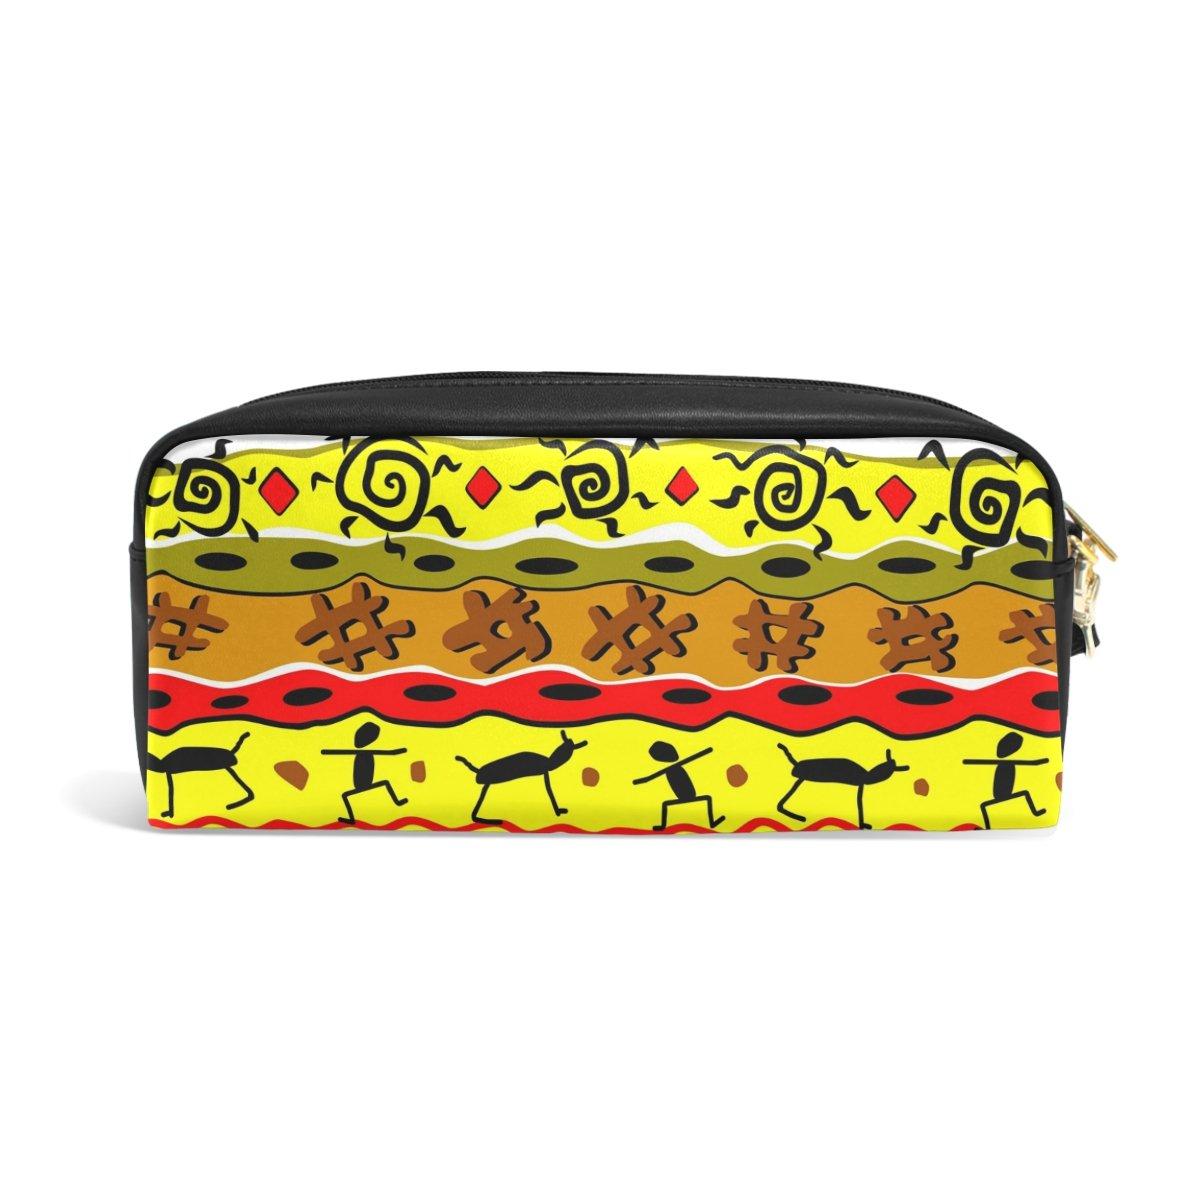 zzkko patrón Tribal funda de piel cremallera lápiz pluma bolsa estacionaria bolso de la bolsa pluma de cosméticos bolsa bolso de mano 7cf66b